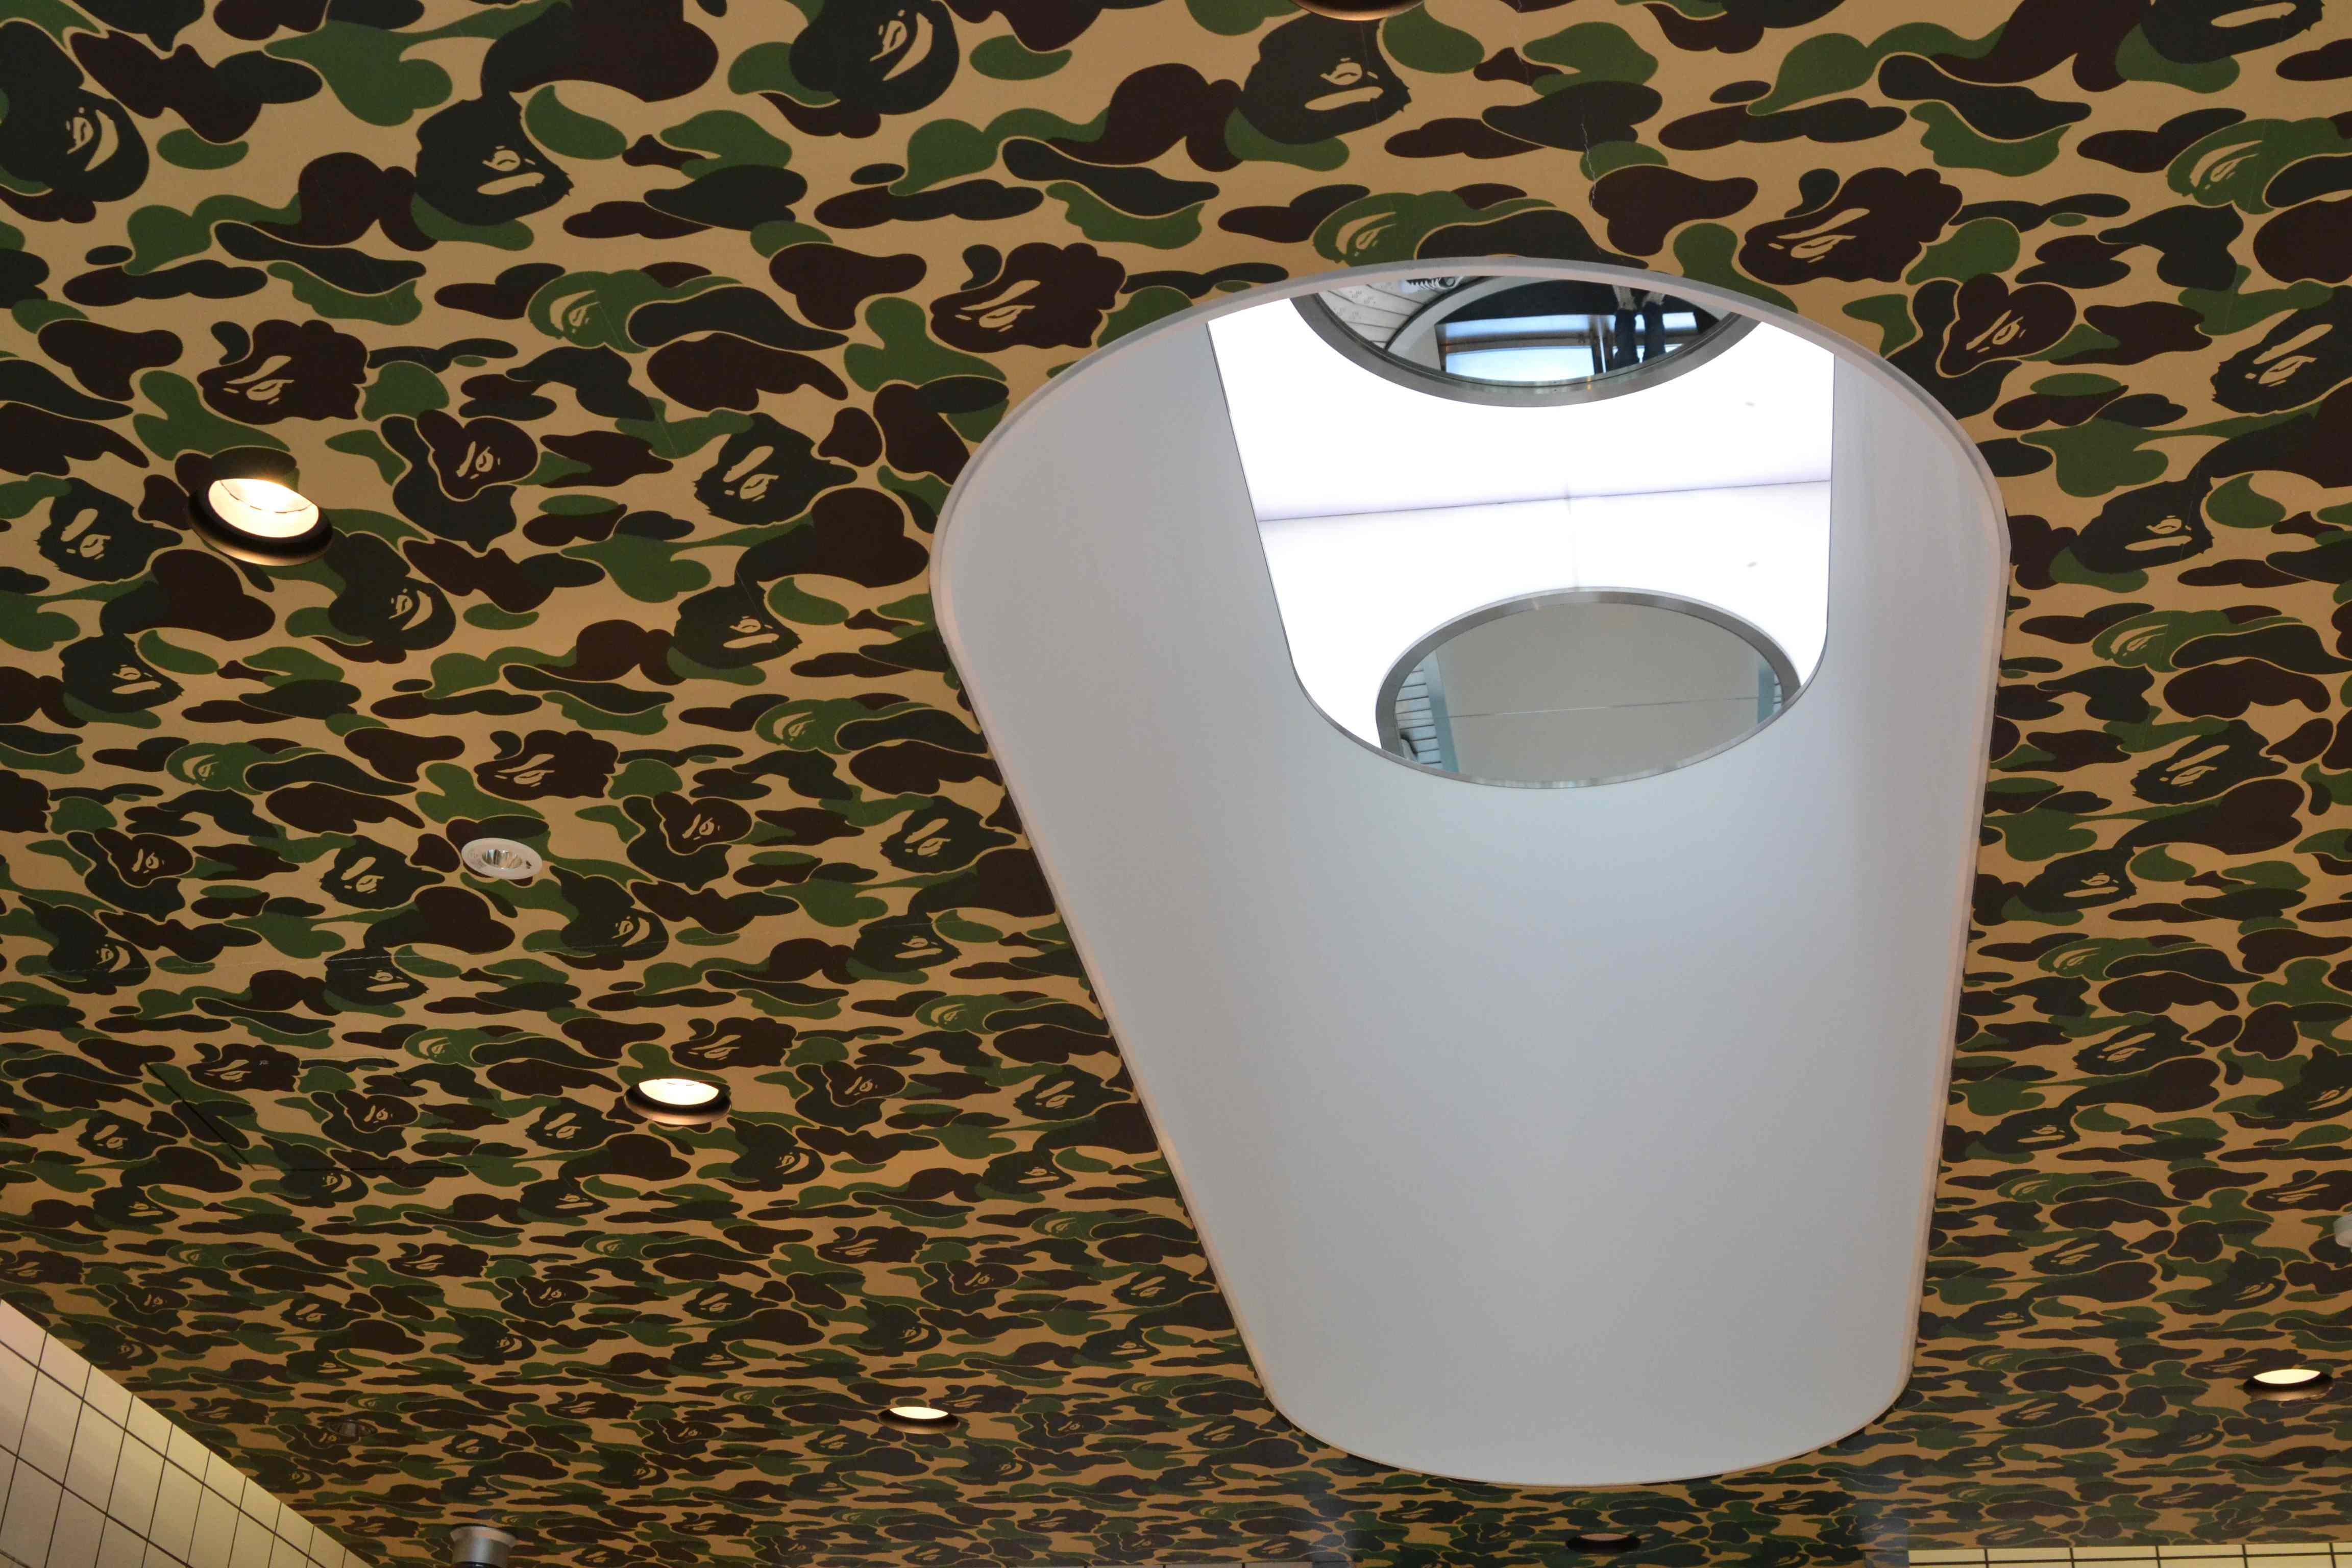 bape ceiling